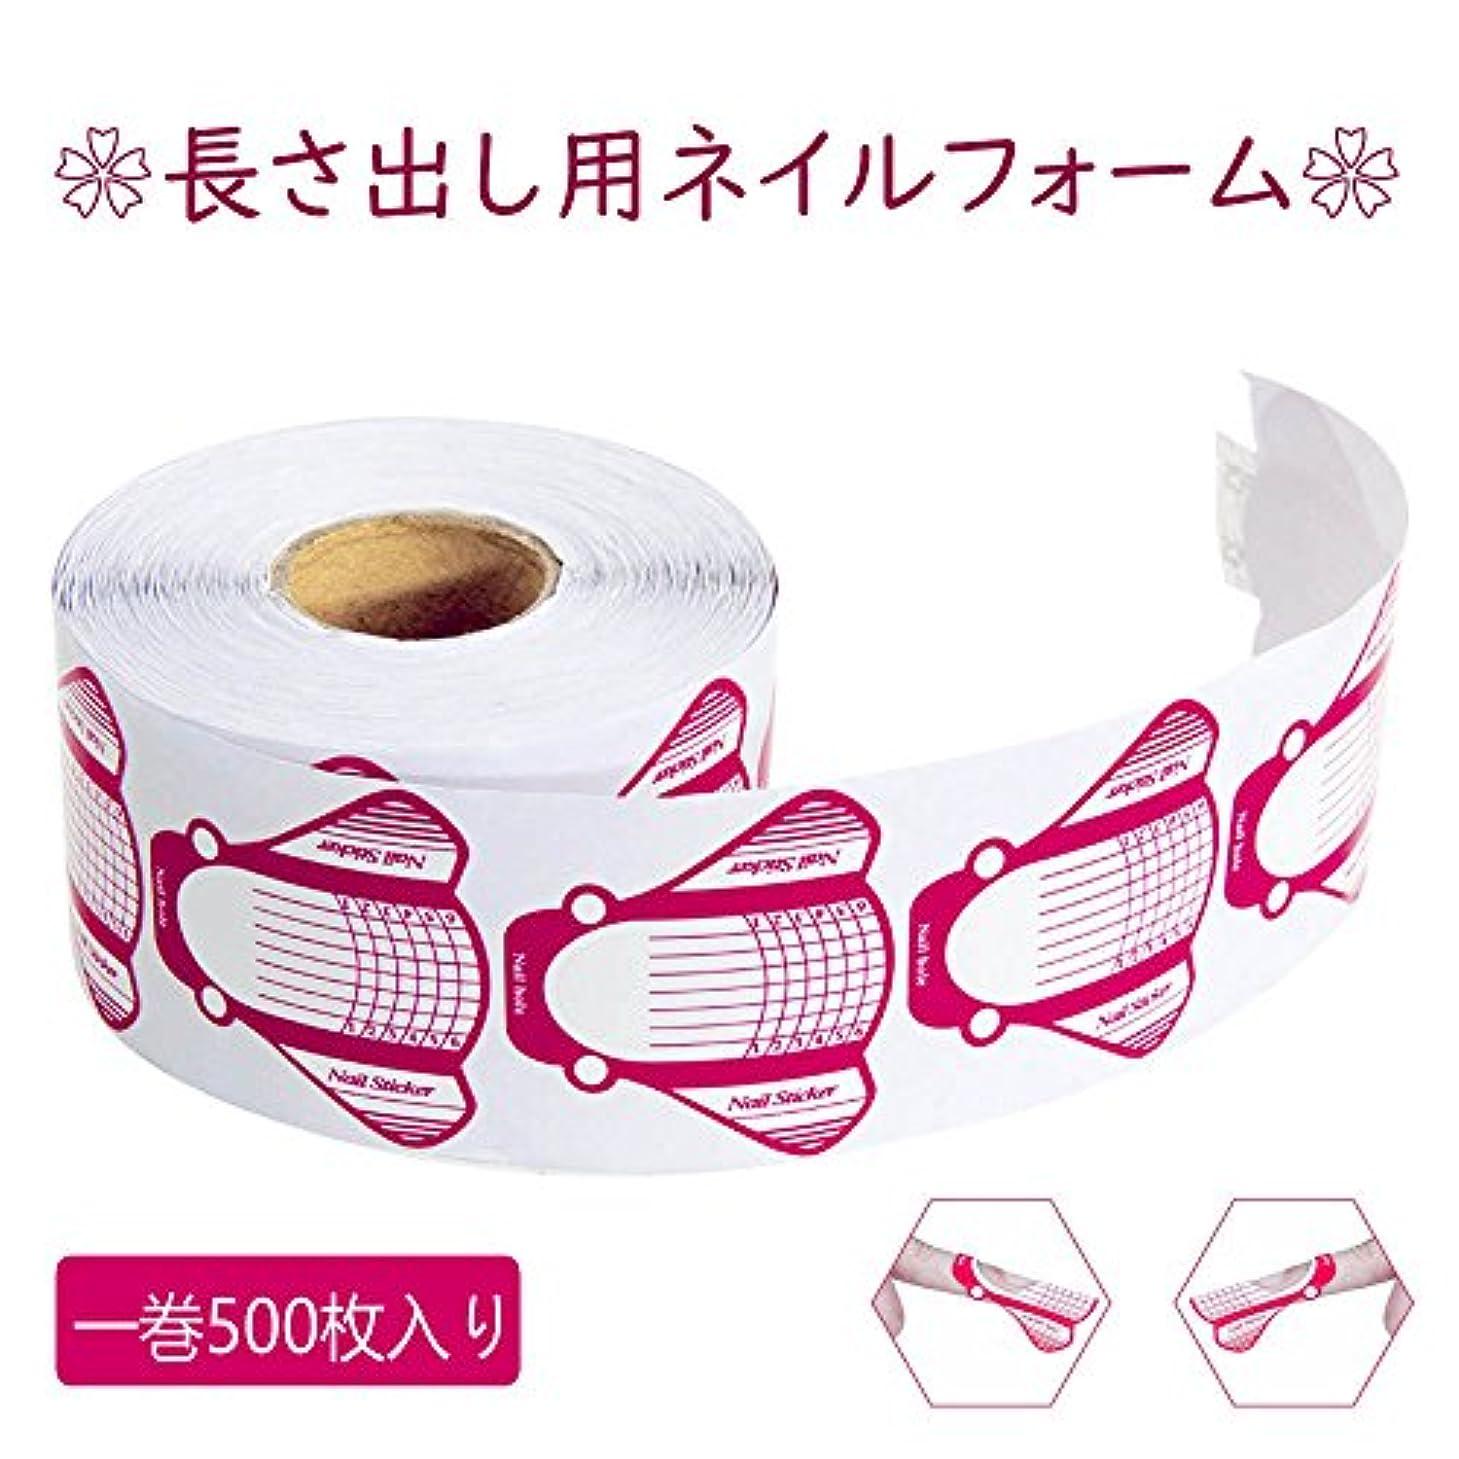 クリーナー枠刺激するスカルプ必要 長さ出し ジェルネイル用 ネイルフォーム 500枚入り ロール 高品質 紙製 バラ色 ネイル フォーム スカルプチュア ネイルアート 道具